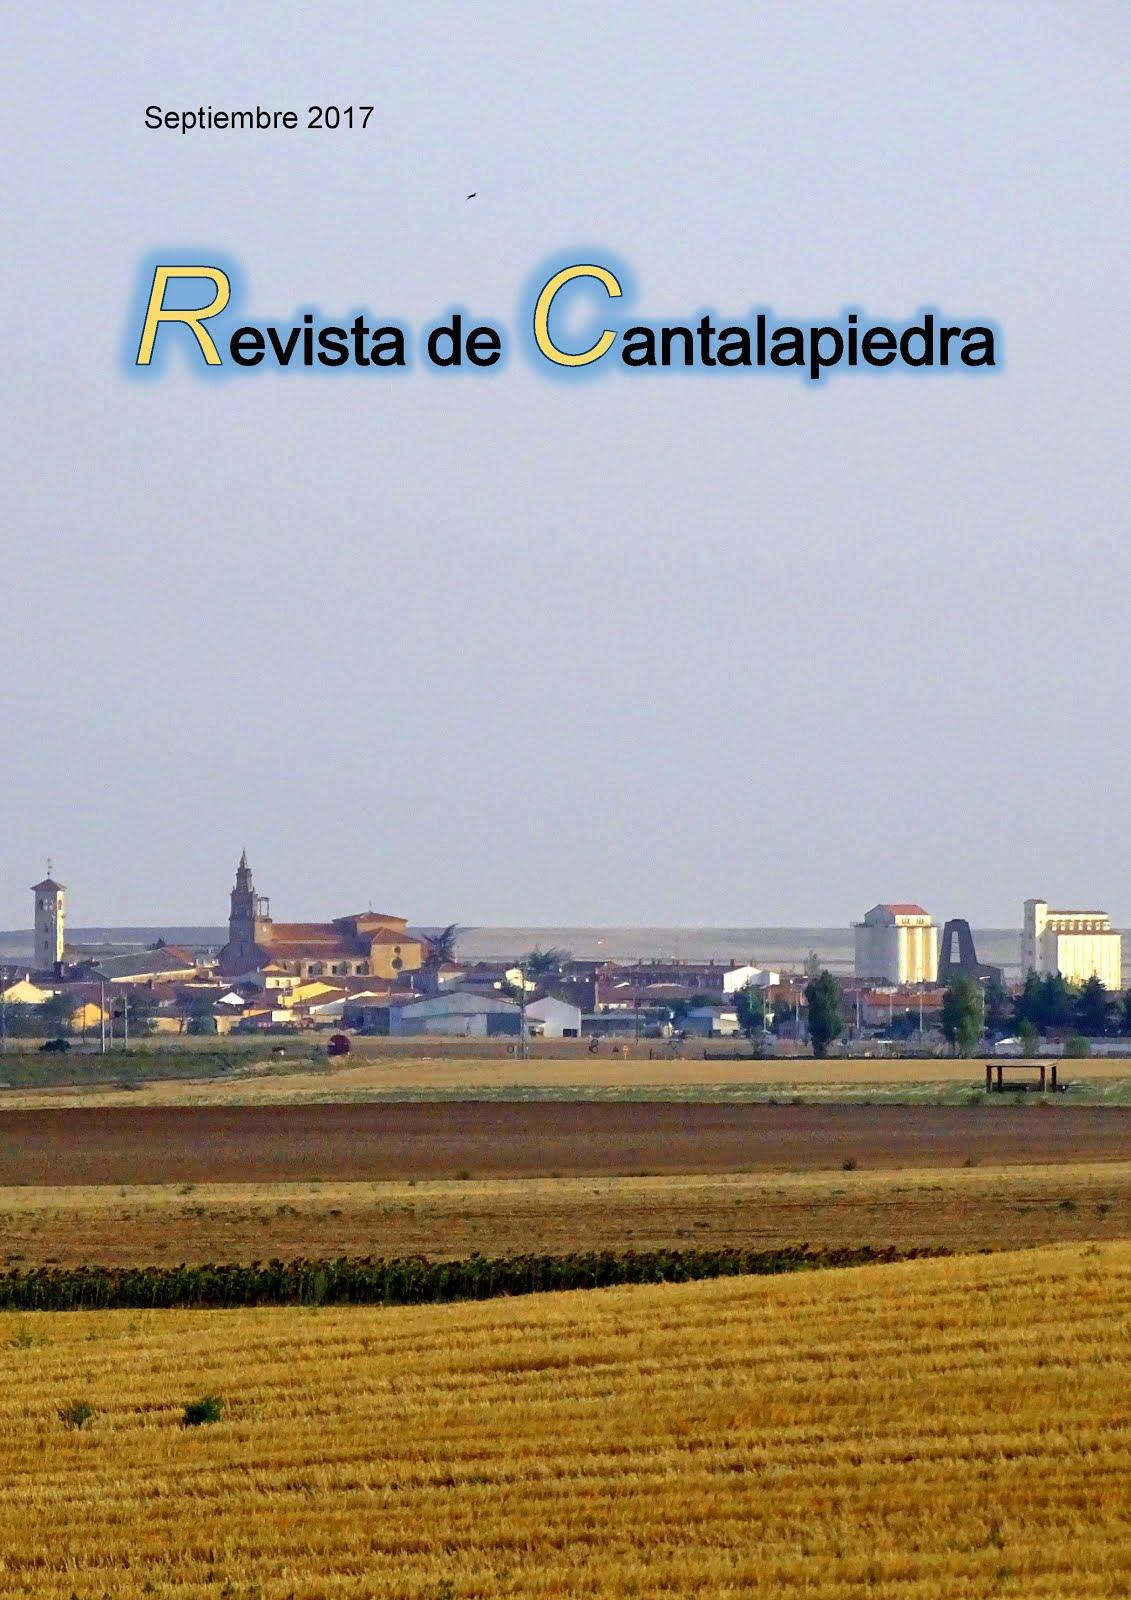 Revista de Cantalapiedra